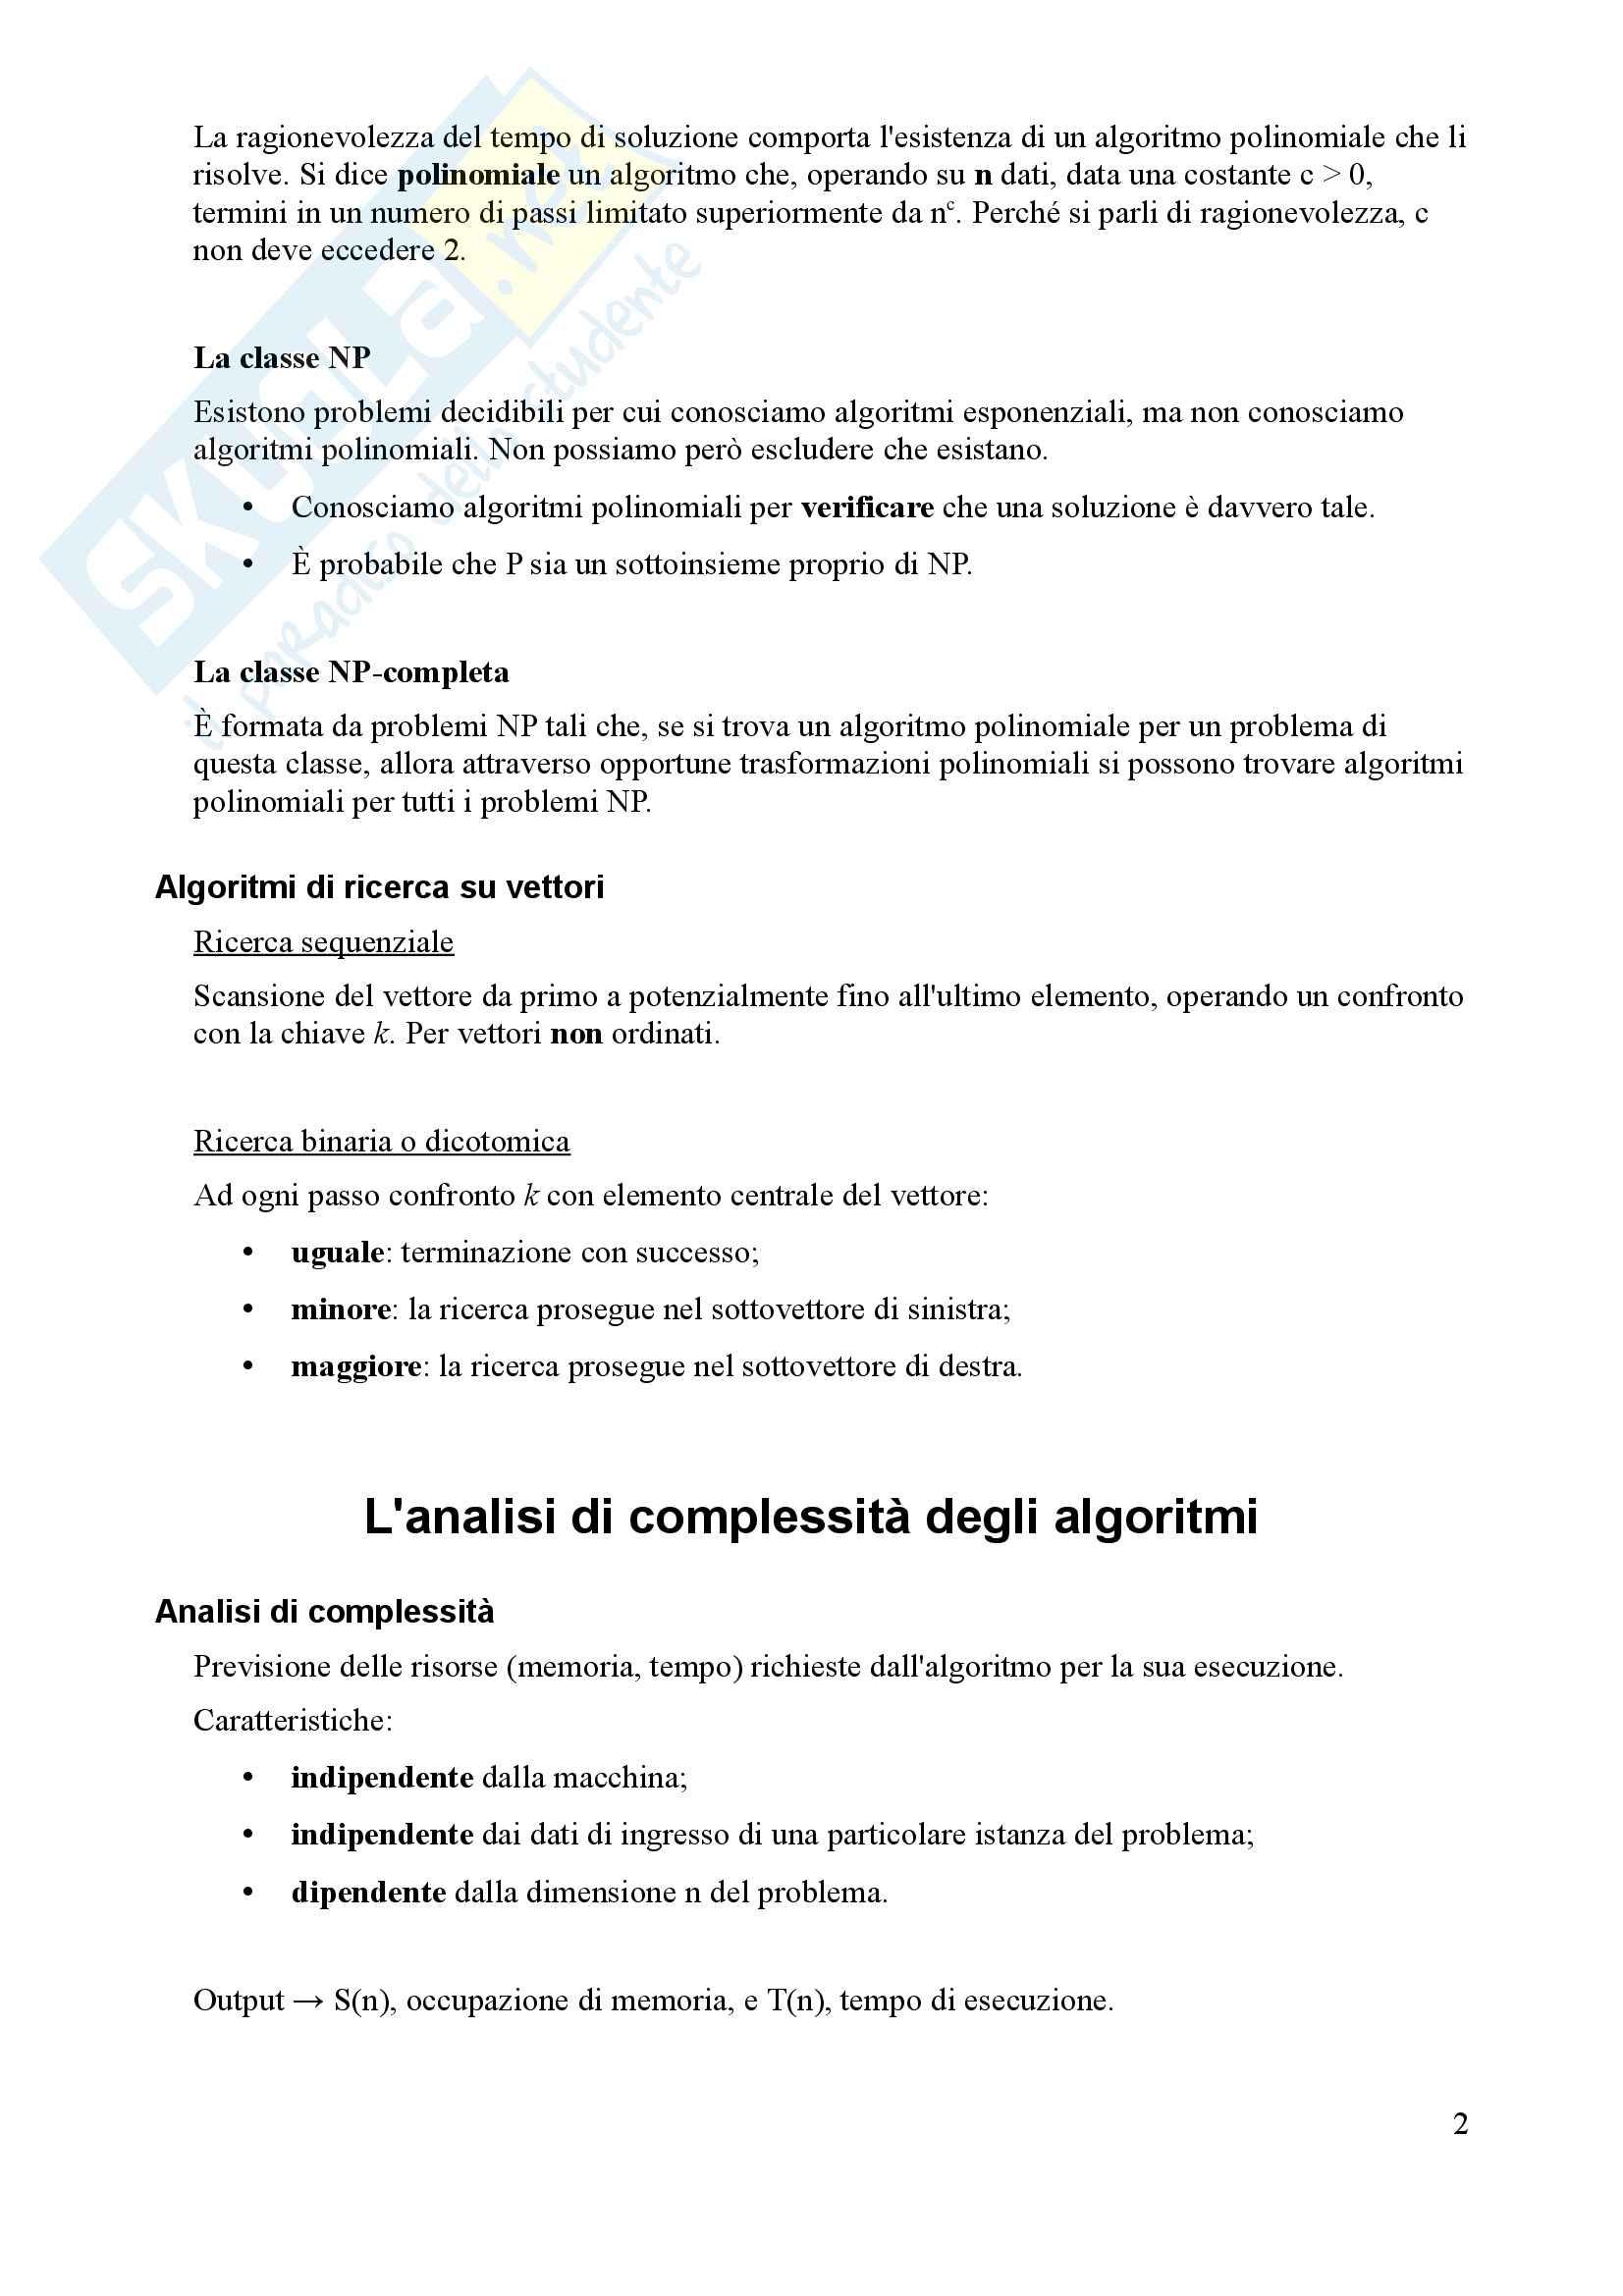 Algoritmi e Programmazione - Appunti Pag. 2